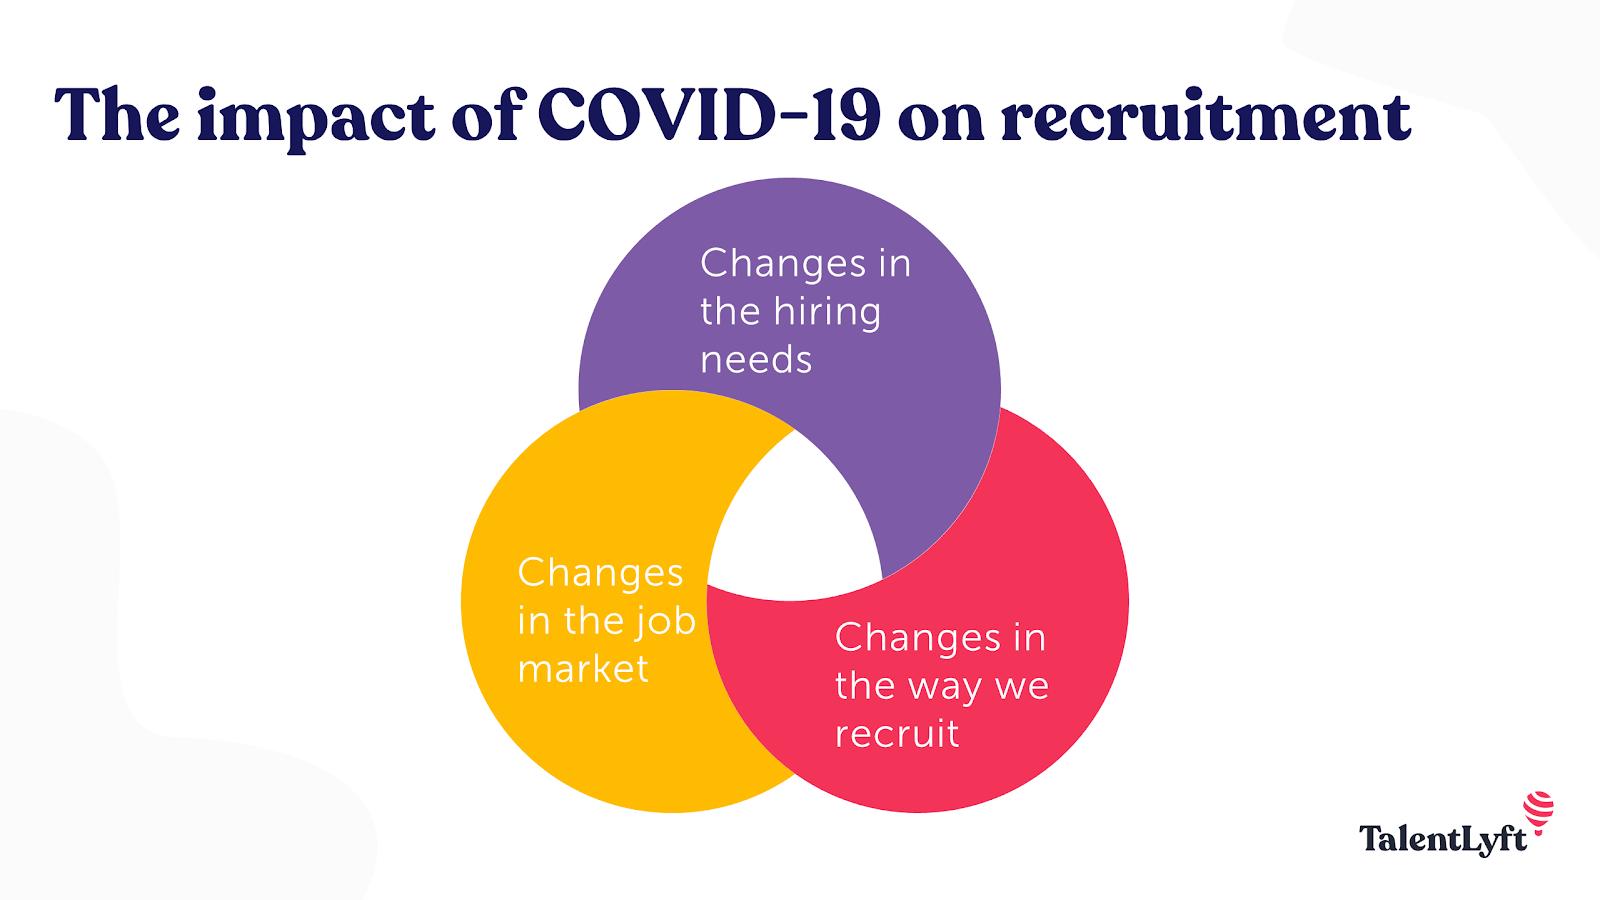 COVID-19 and recruitment